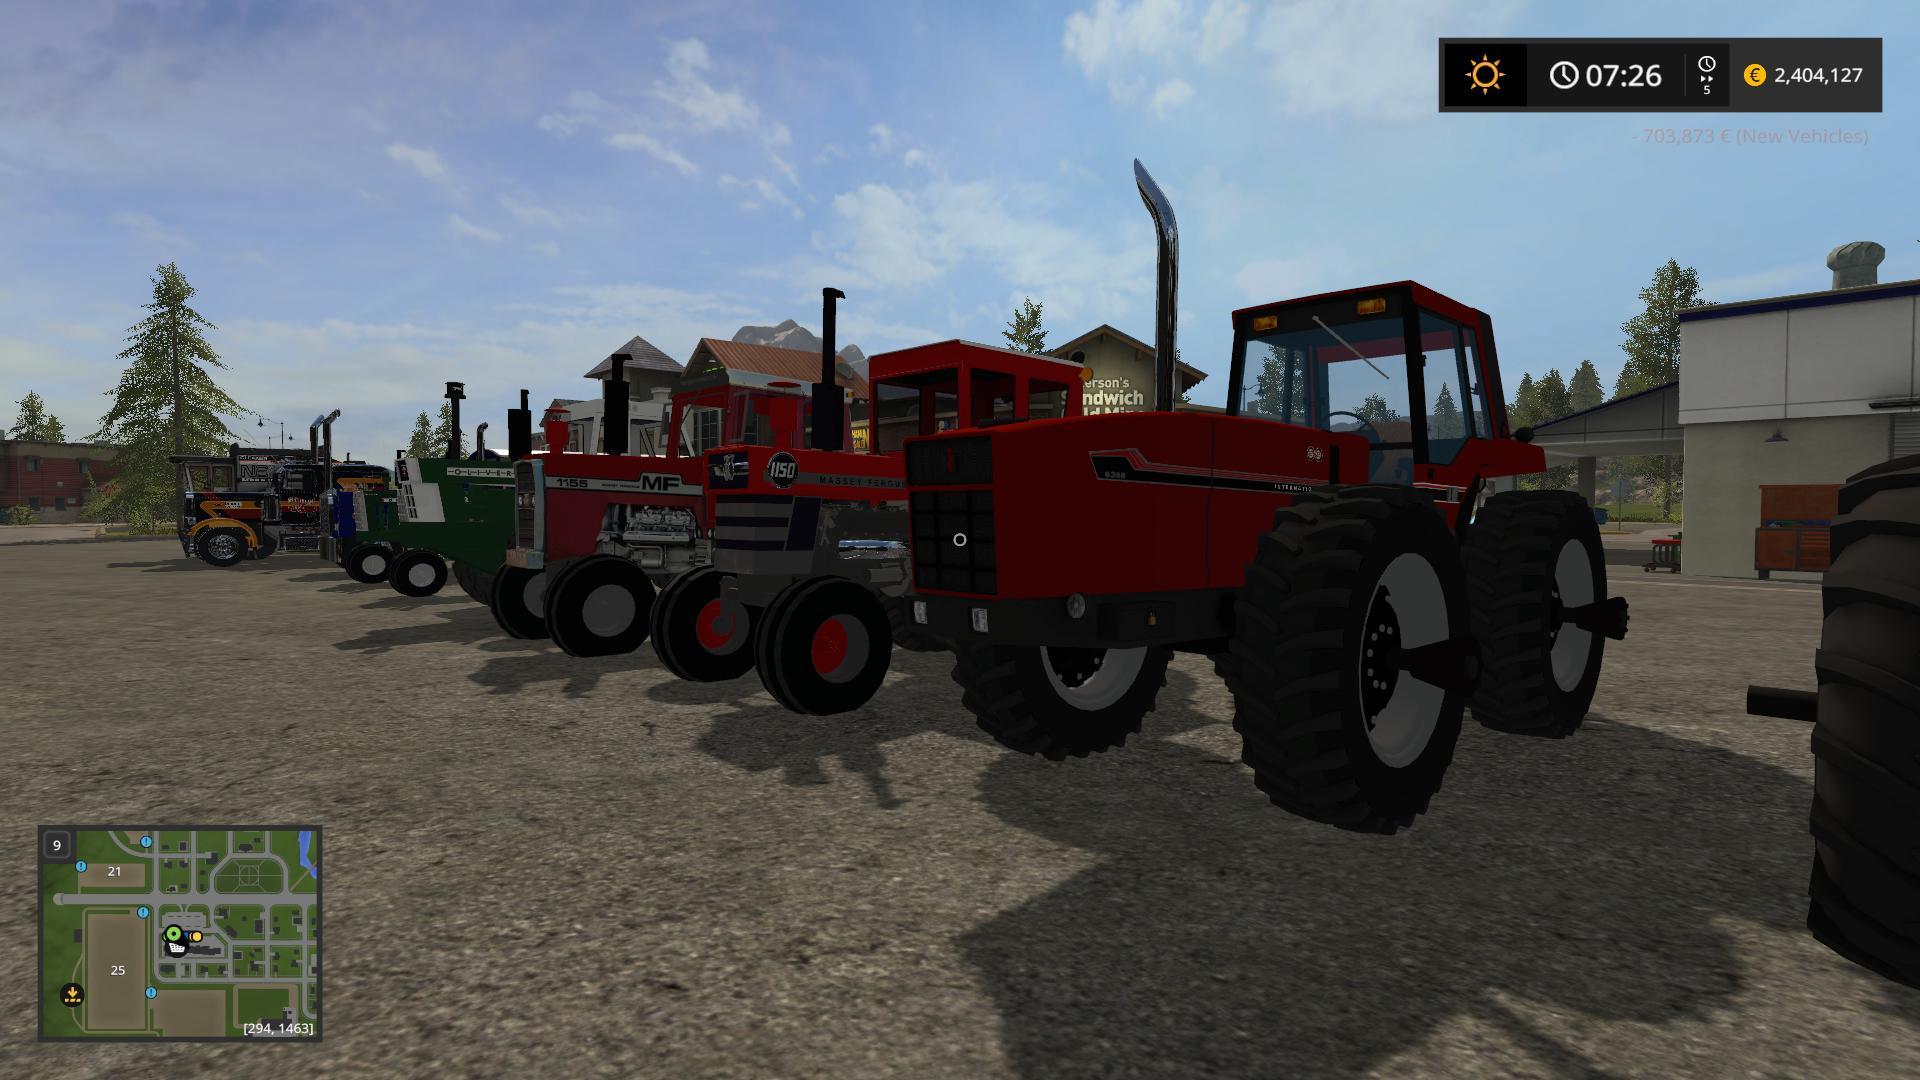 OLDIRON PACK V1 0 0 FS17 - Farming Simulator 17 mod / FS 2017 mod